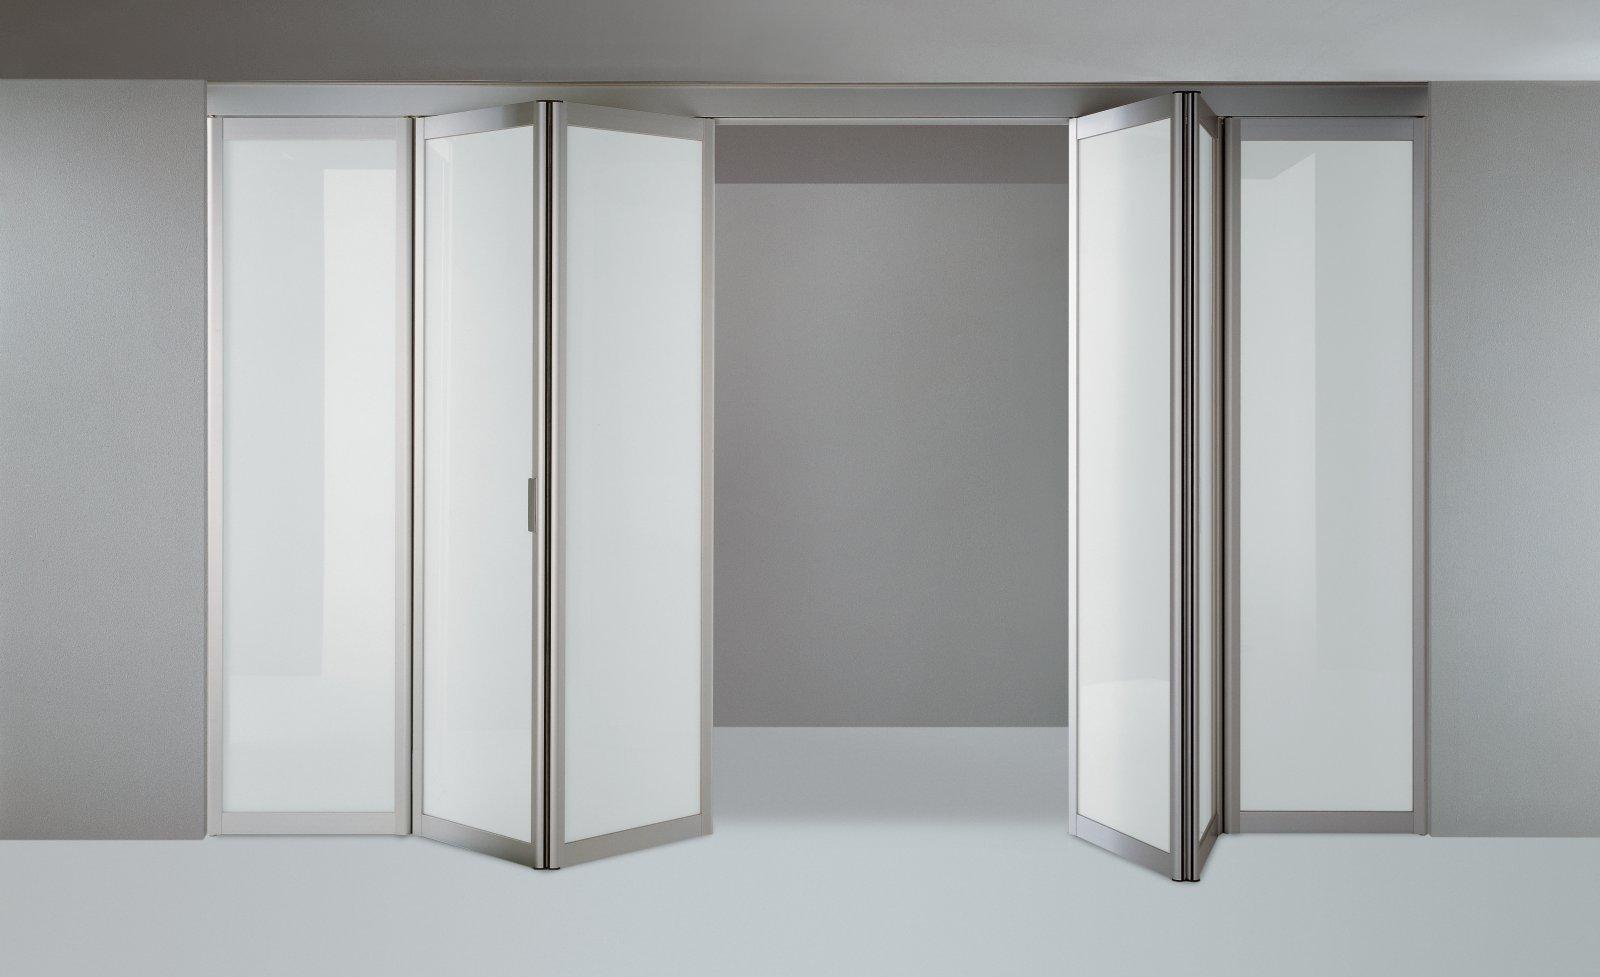 Puertas correderas para el interior de nuestro hogar - Puertas correderas o abatibles ...